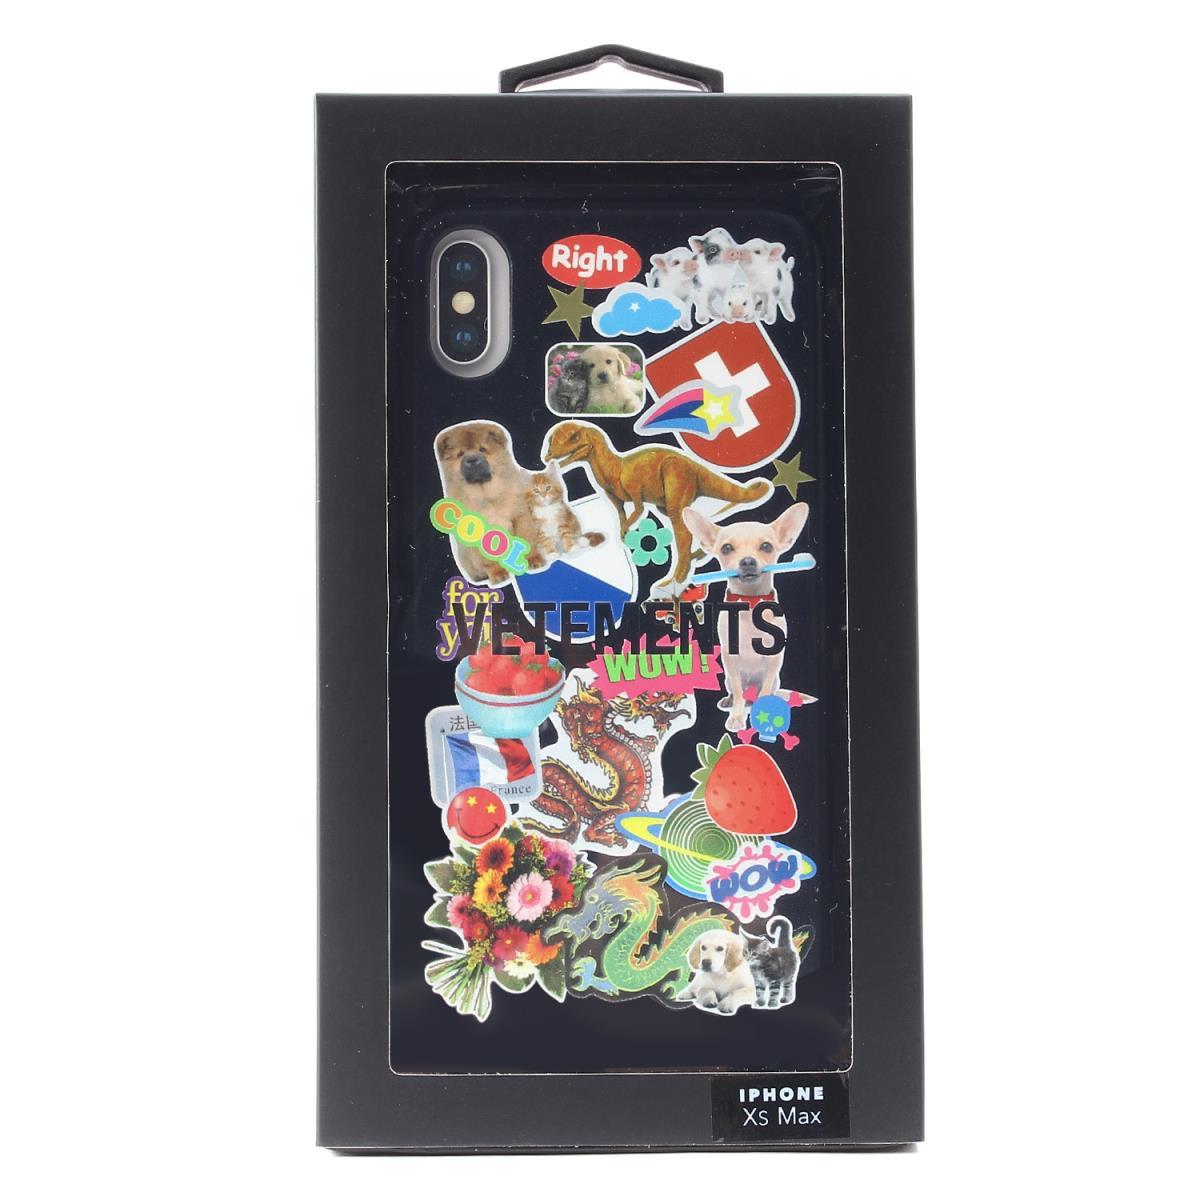 VETEMENTS (ヴェトモン) 19S/S フォトコラージュiPhone XS Maxケース(iPhone Case) ブラック 【メンズ】【K2180】【あす楽☆対応可】